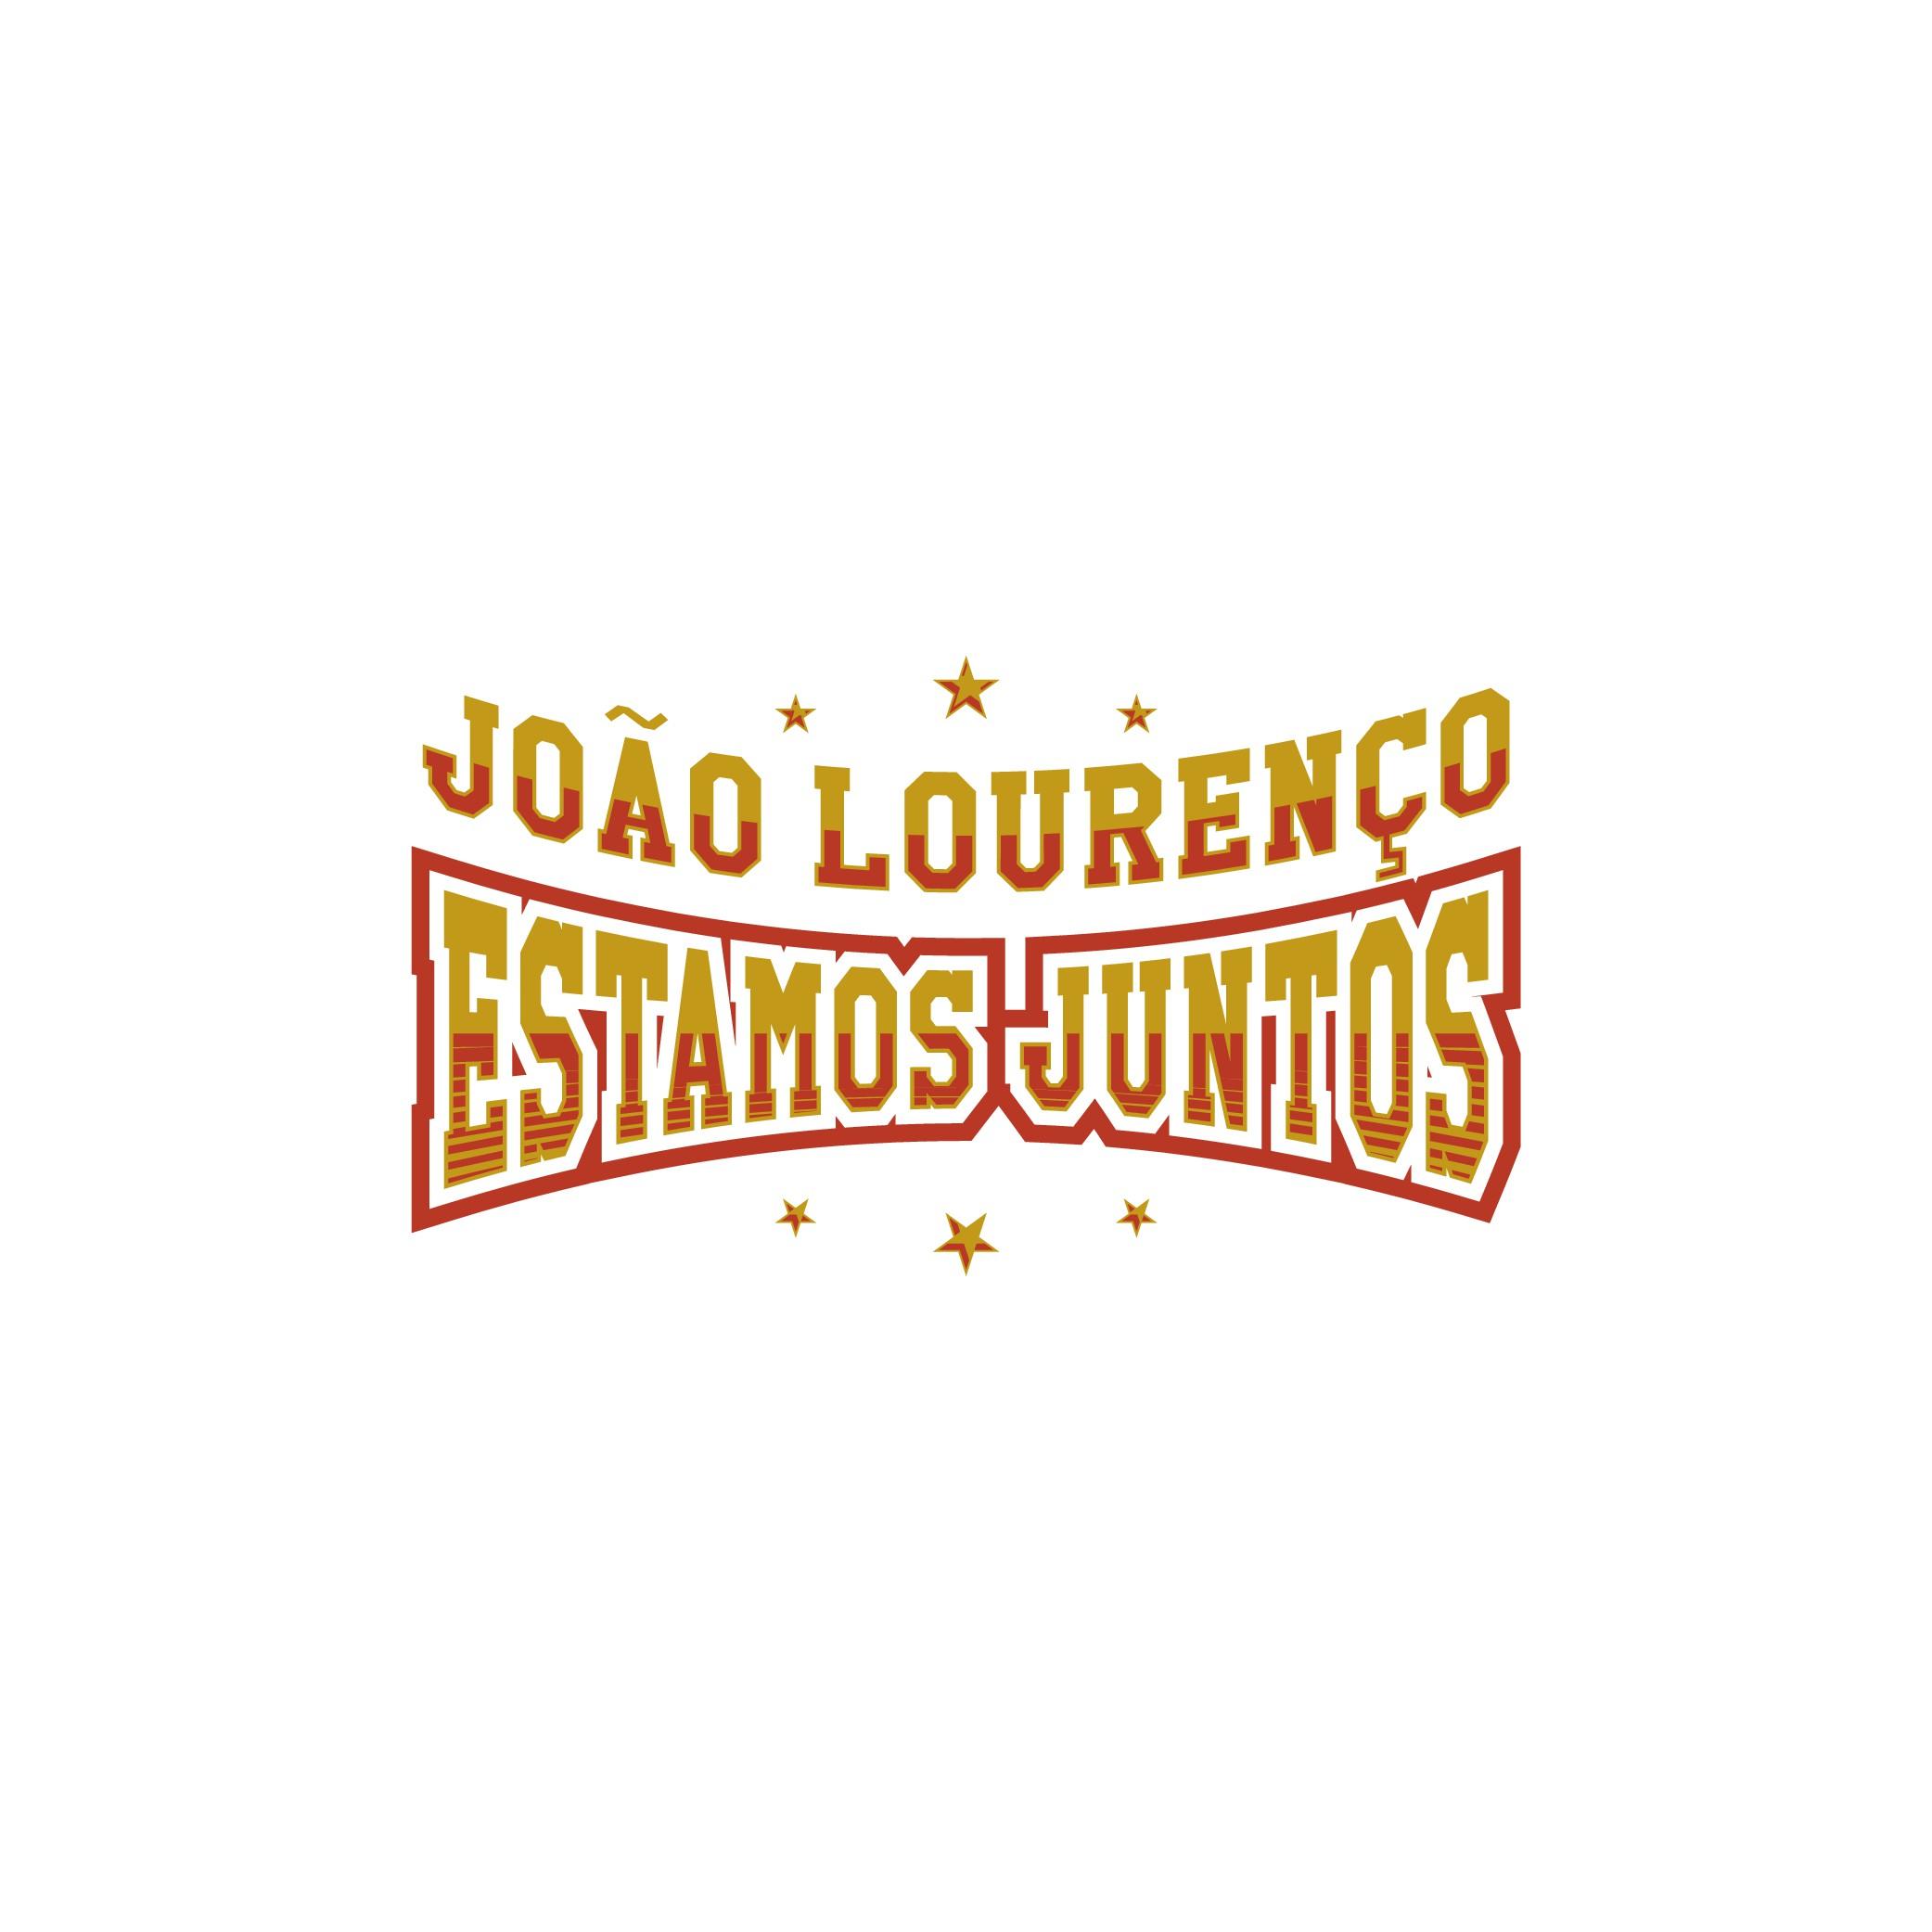 Joao Lourenço